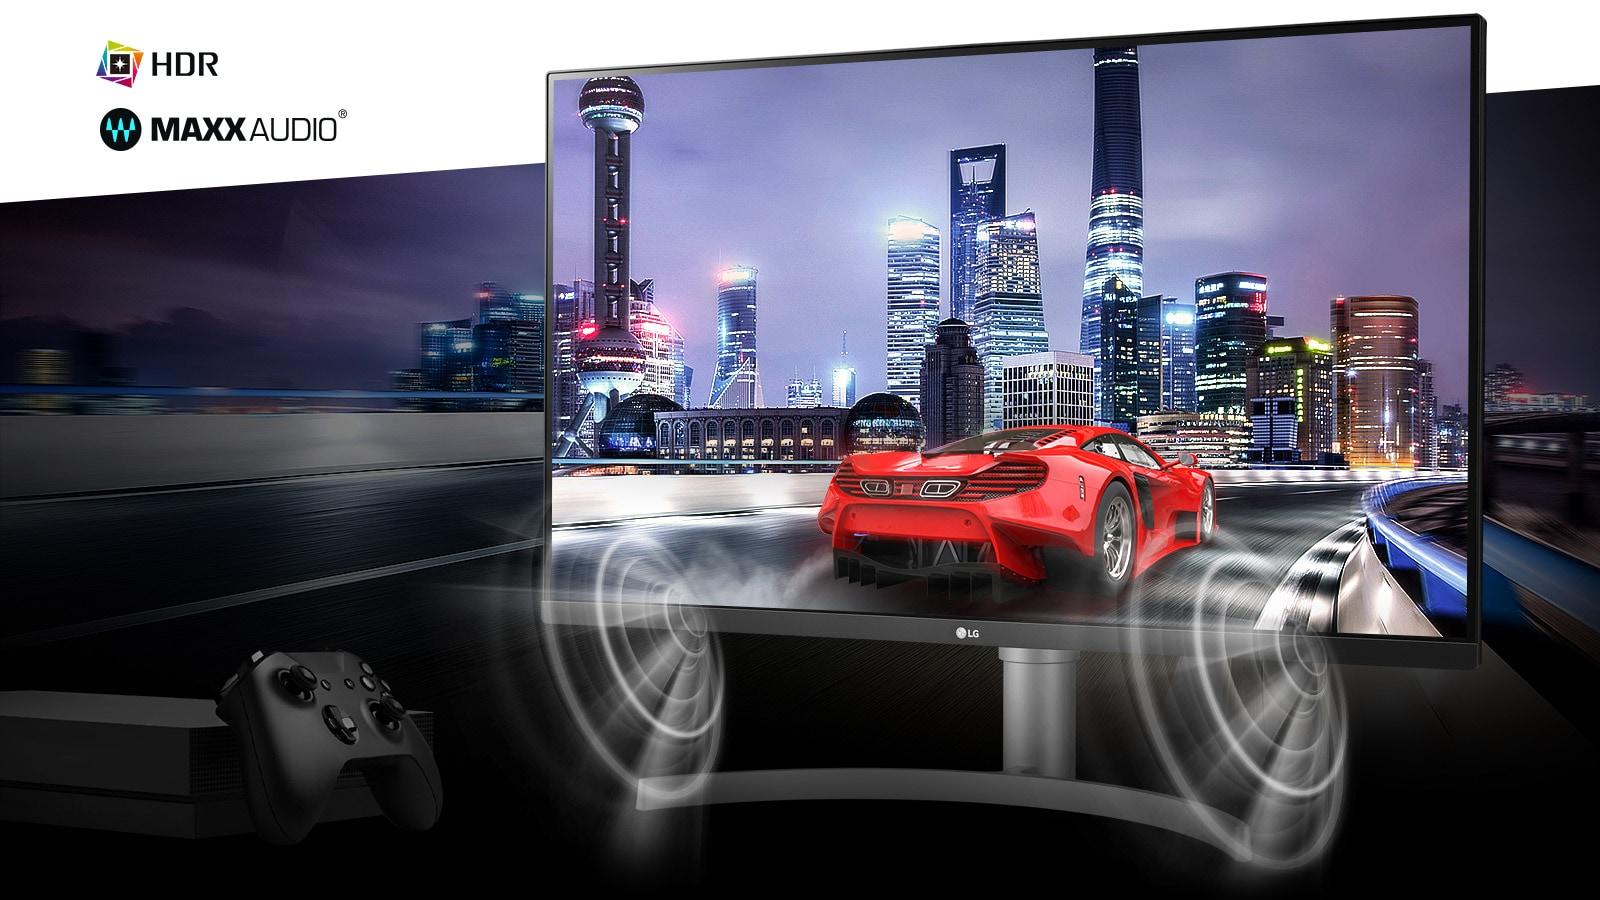 Escena de autos del juego de la consola de juego 4K HDR verdaderamente inmersiva con MAXXAUDIO®